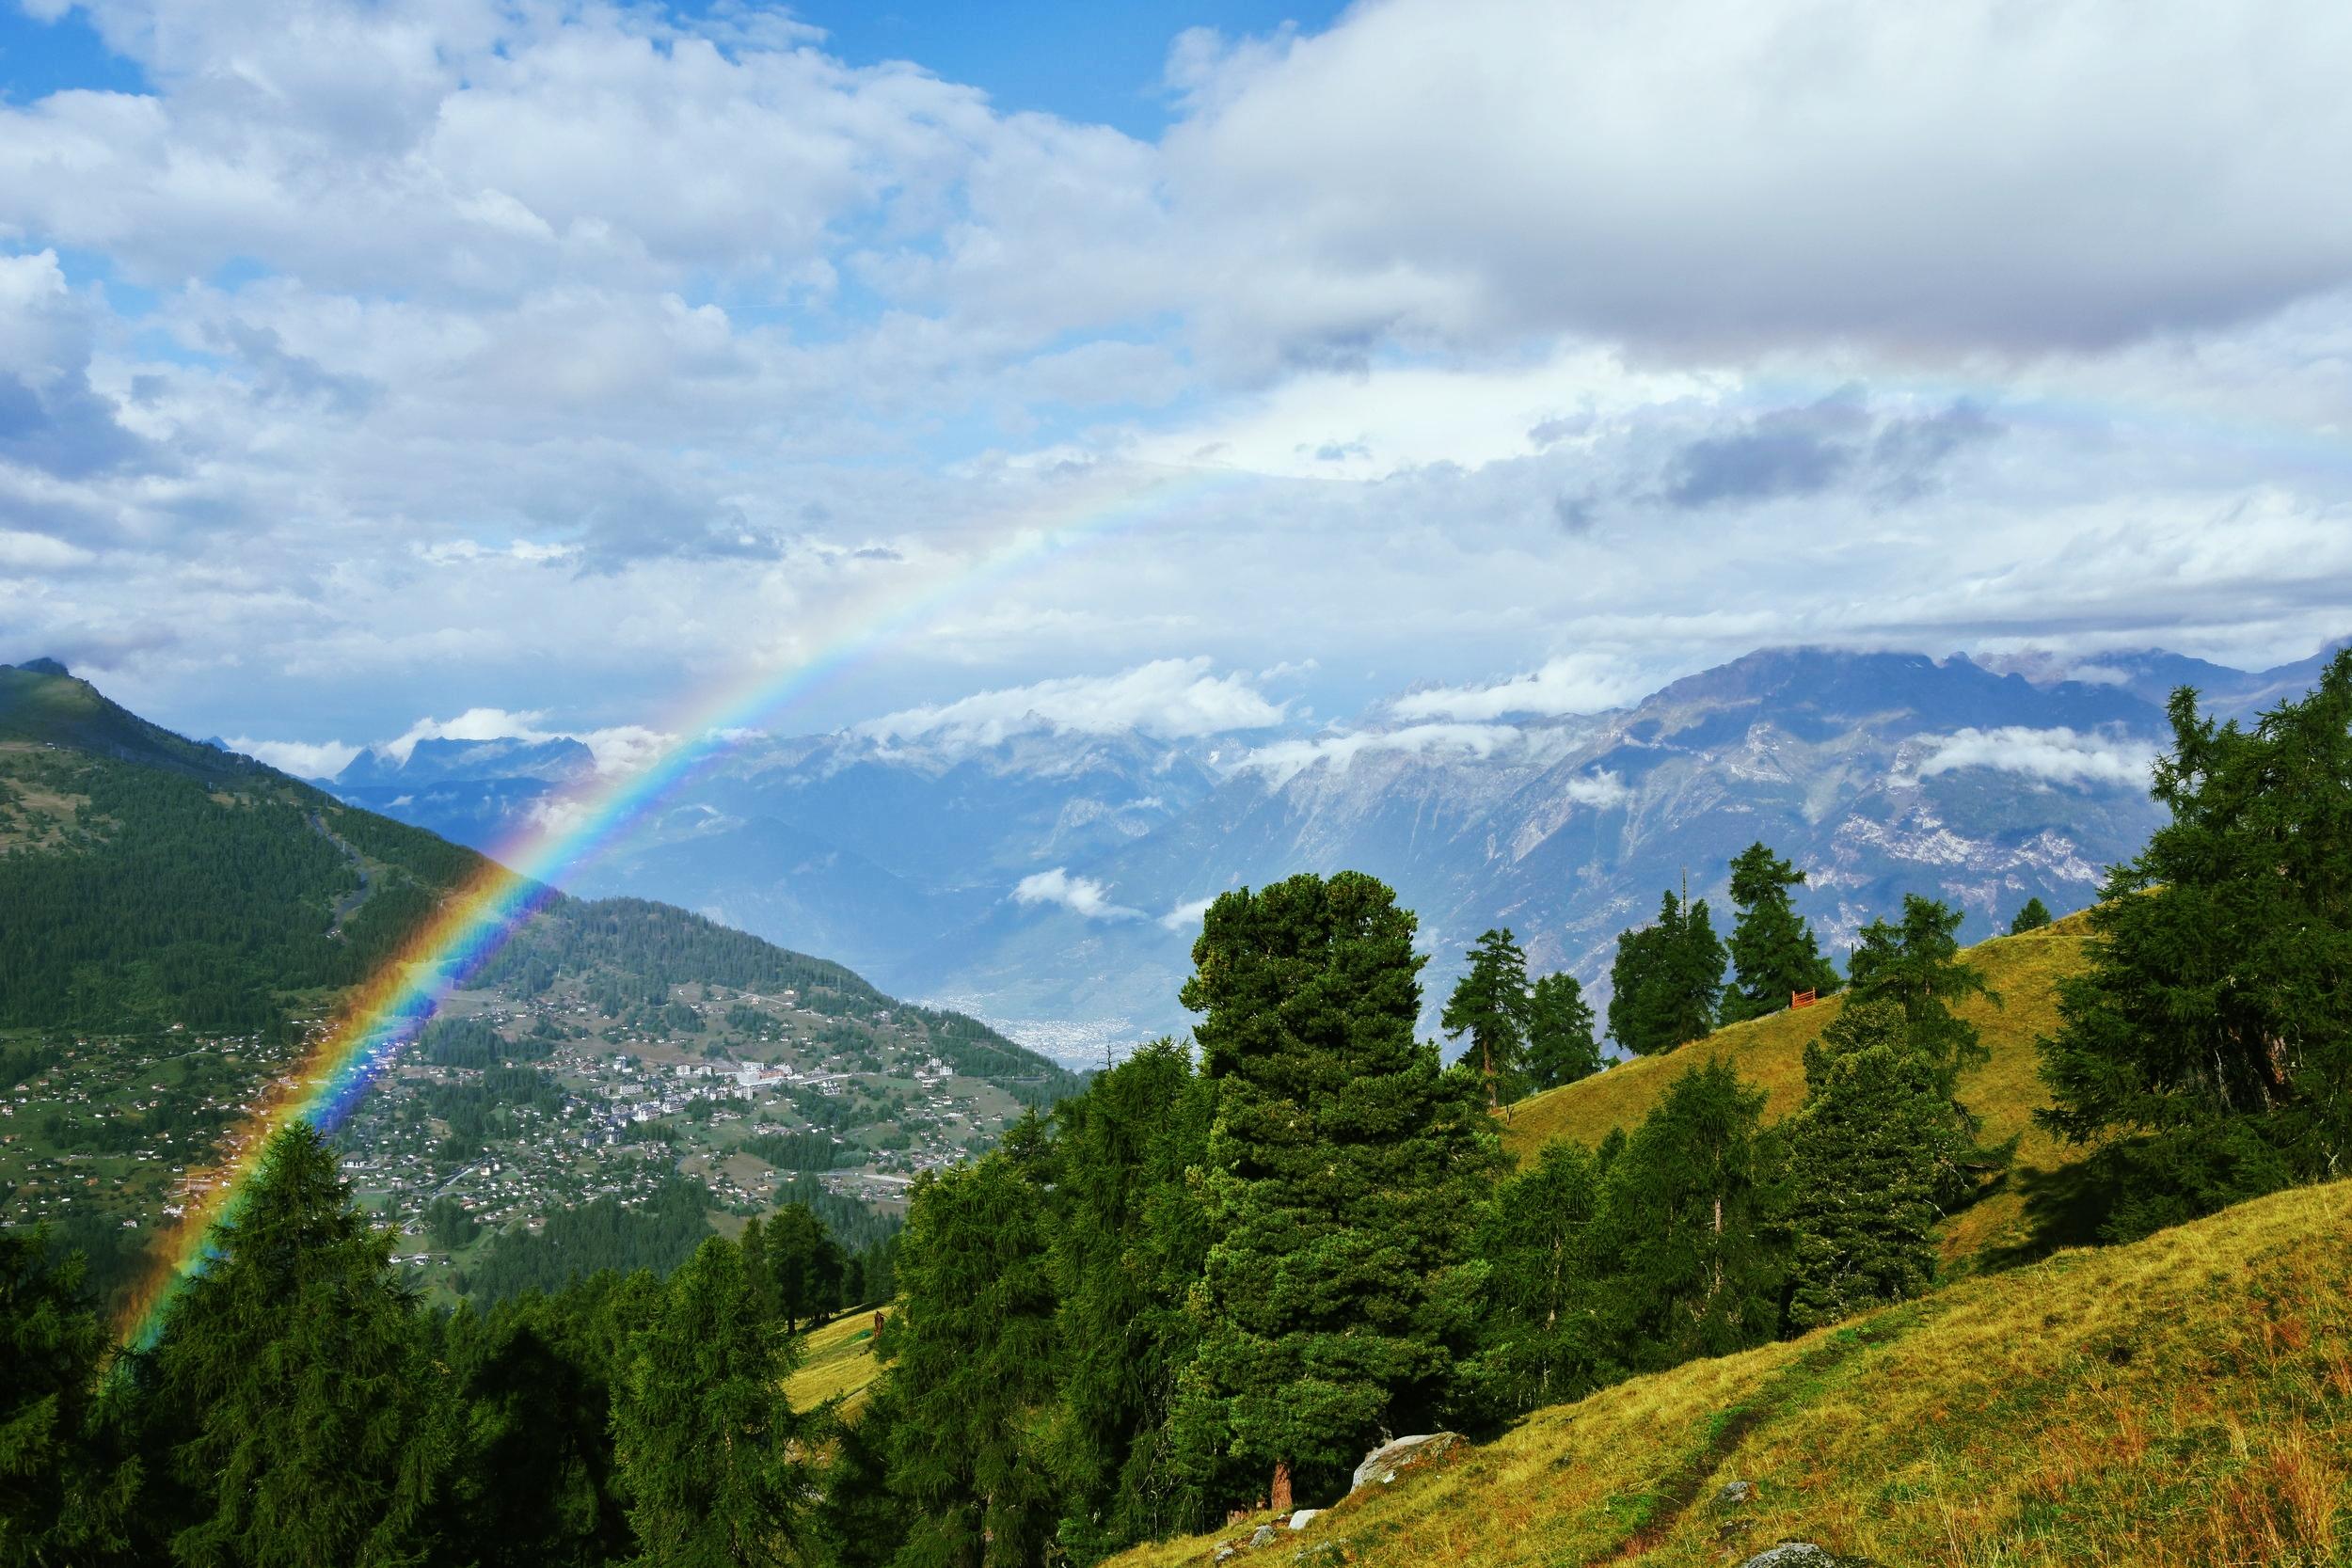 Regnbåge över Alperna - ännu en sak att vara tacksam över.